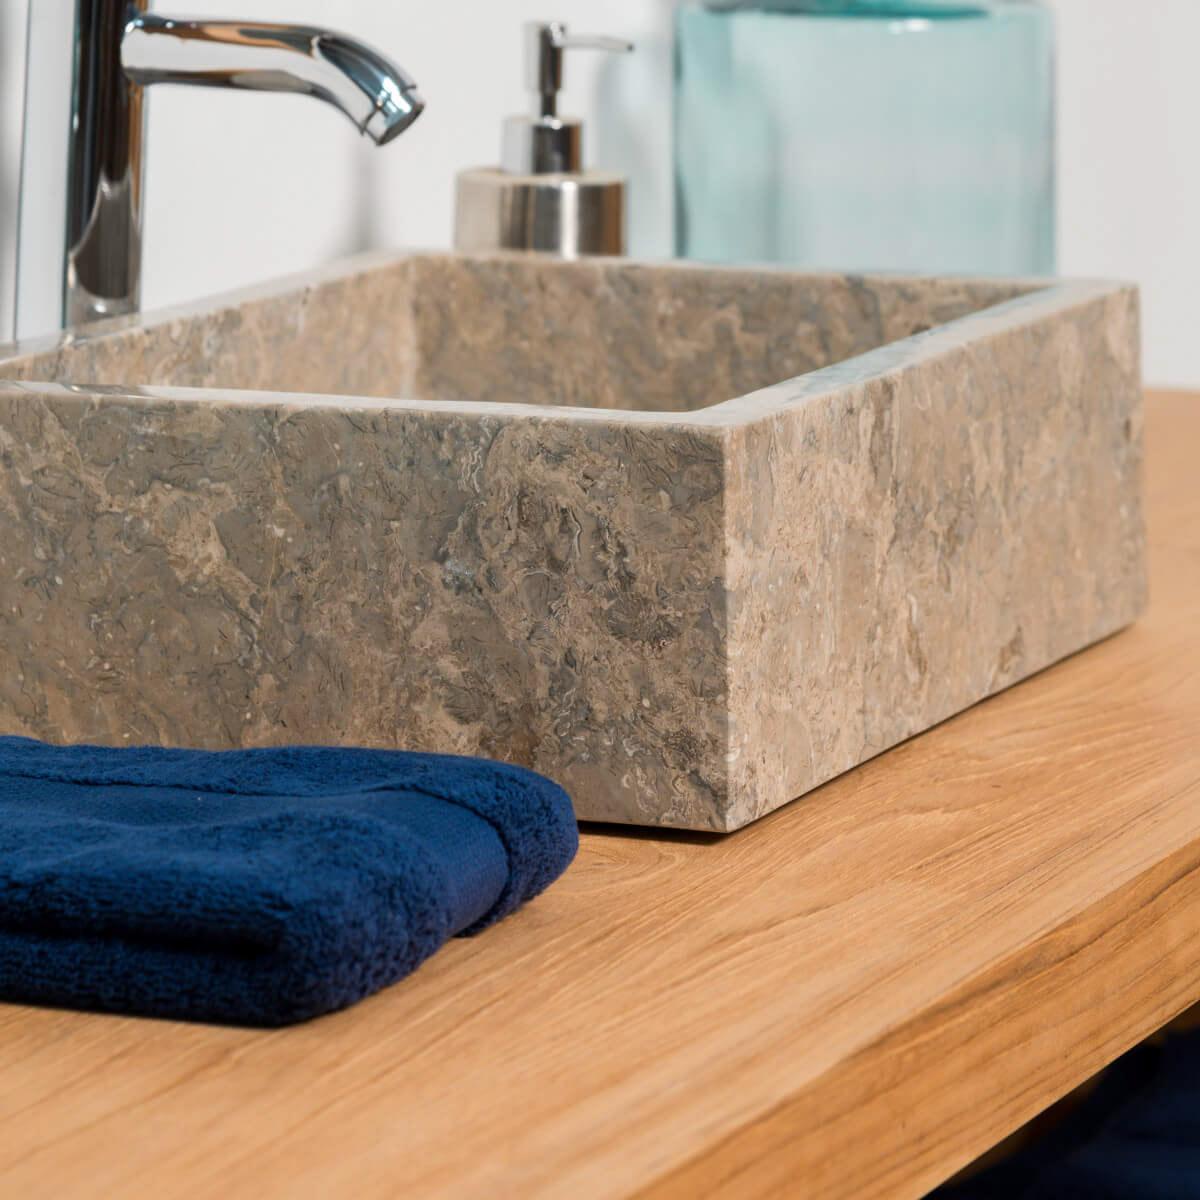 vasque poser en marbre milan rectangle grise taupe l 40 cm. Black Bedroom Furniture Sets. Home Design Ideas